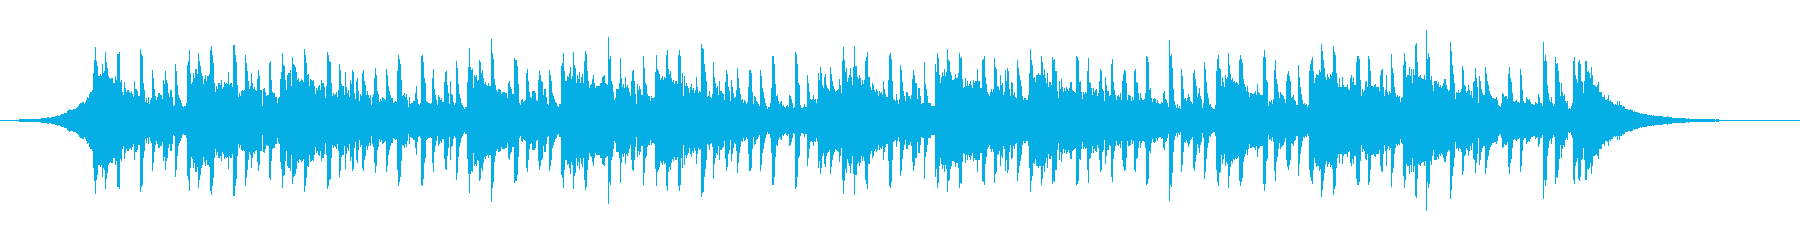 インタビューの背景(40秒)の再生済みの波形